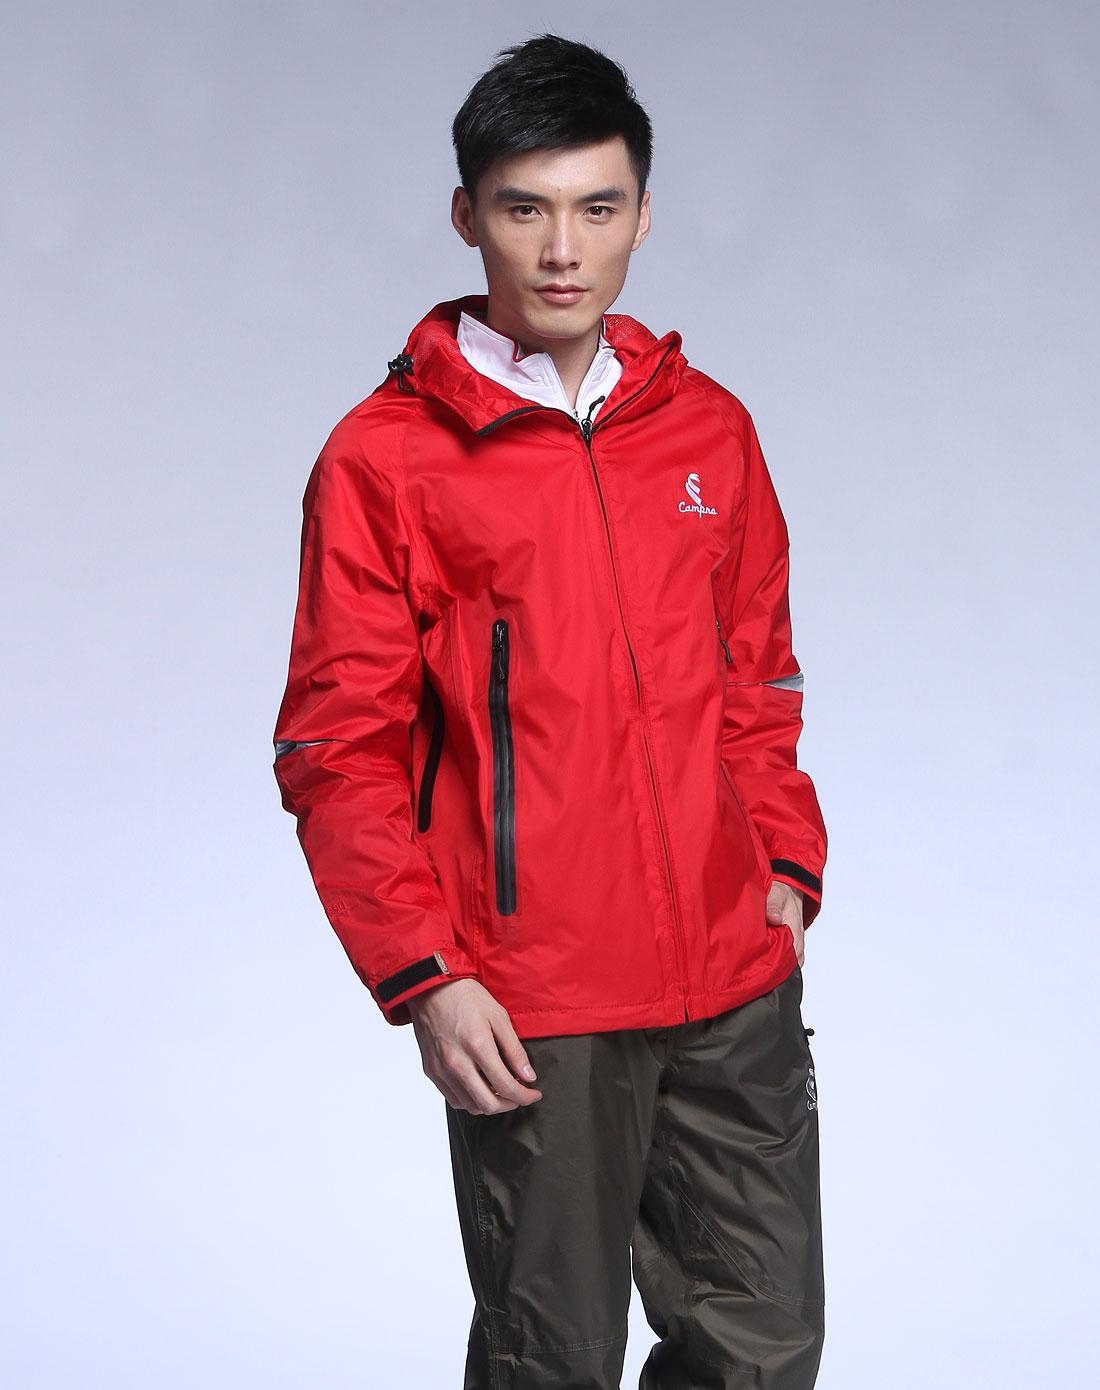 凯柏龙CAMPNO男装专场-大红色连帽透气防水防风长袖冲锋衣